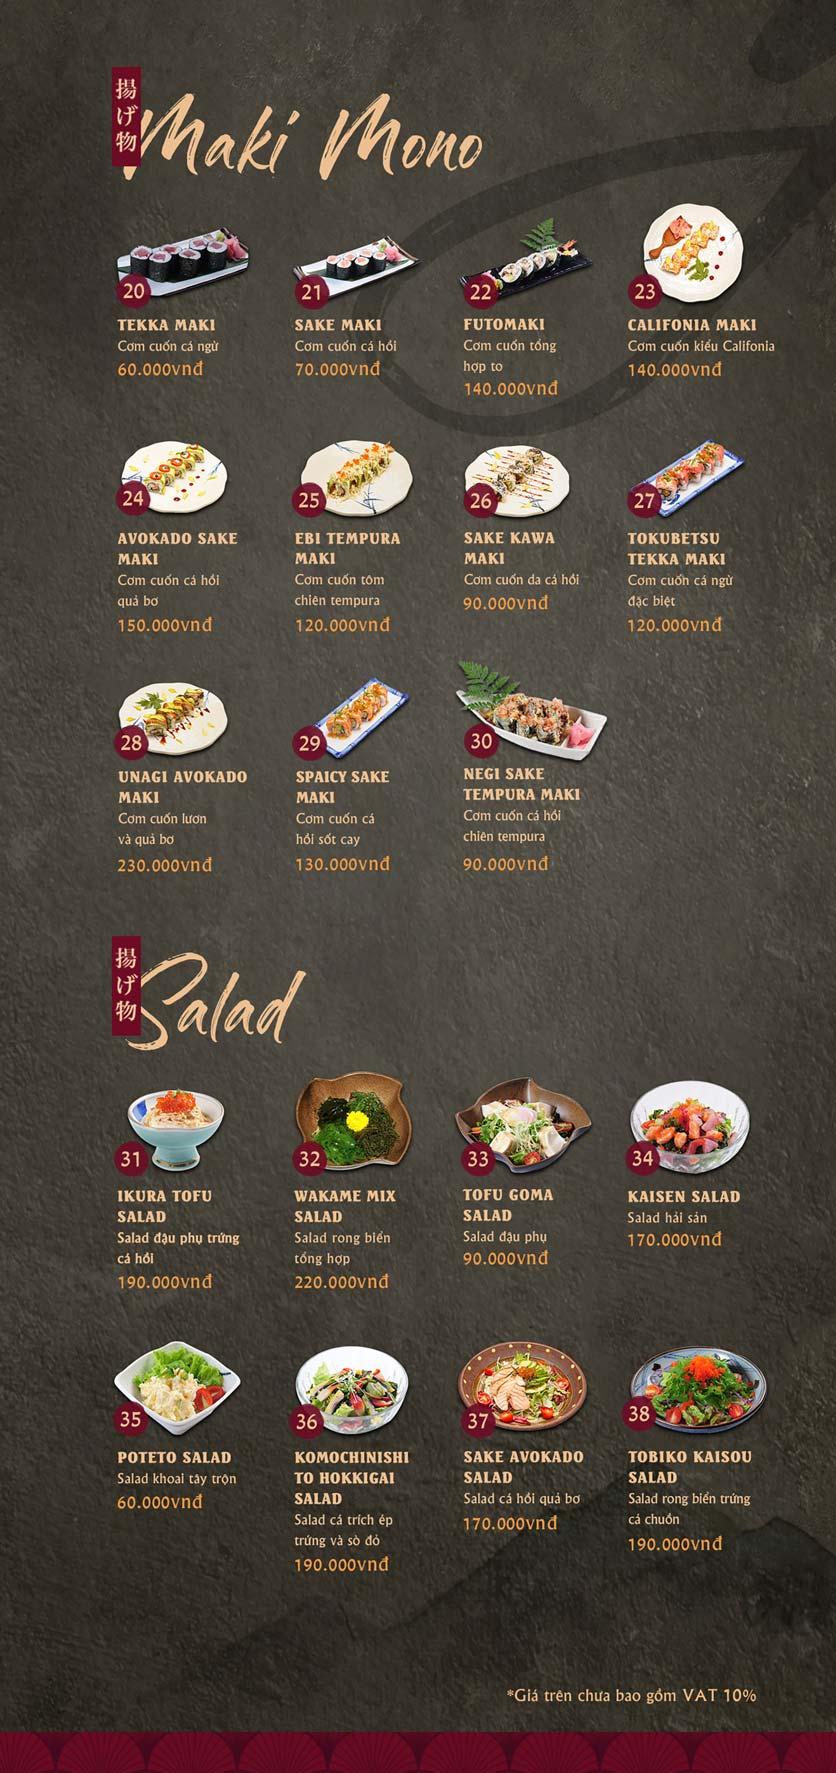 Menu Tamaya Japanese Restaurant - Kim Đồng  2